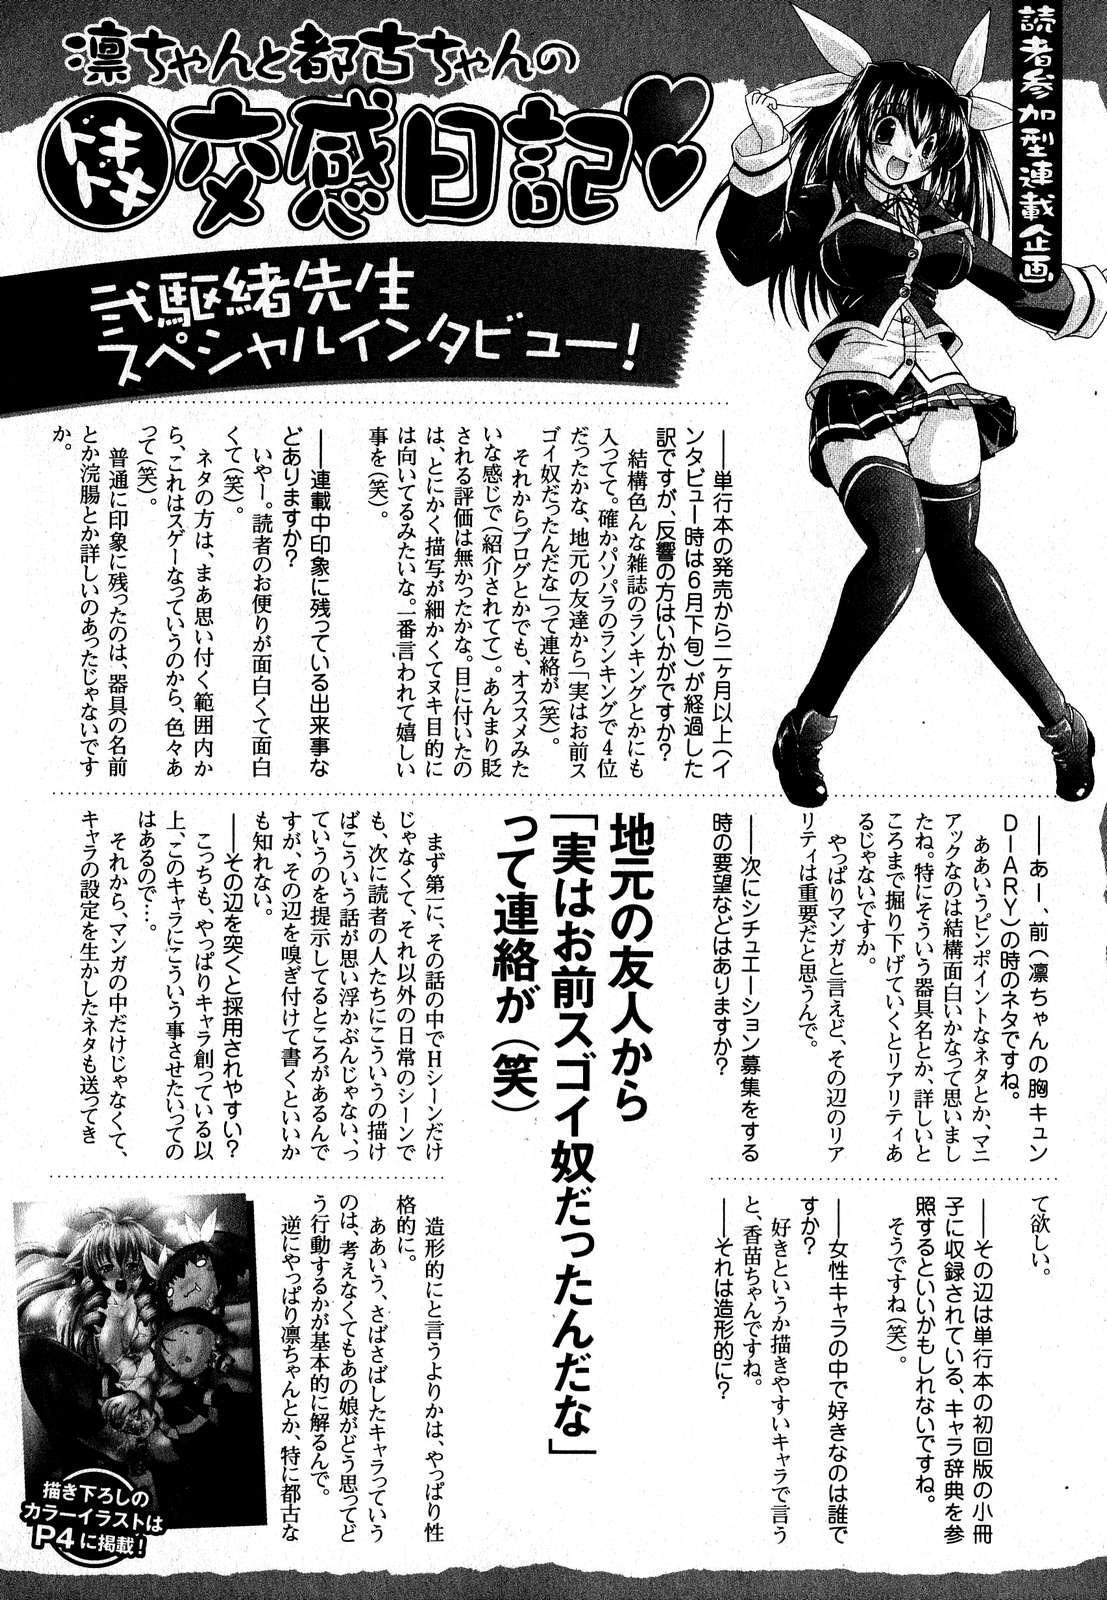 COMIC XO 2007-09 Vol. 16 160